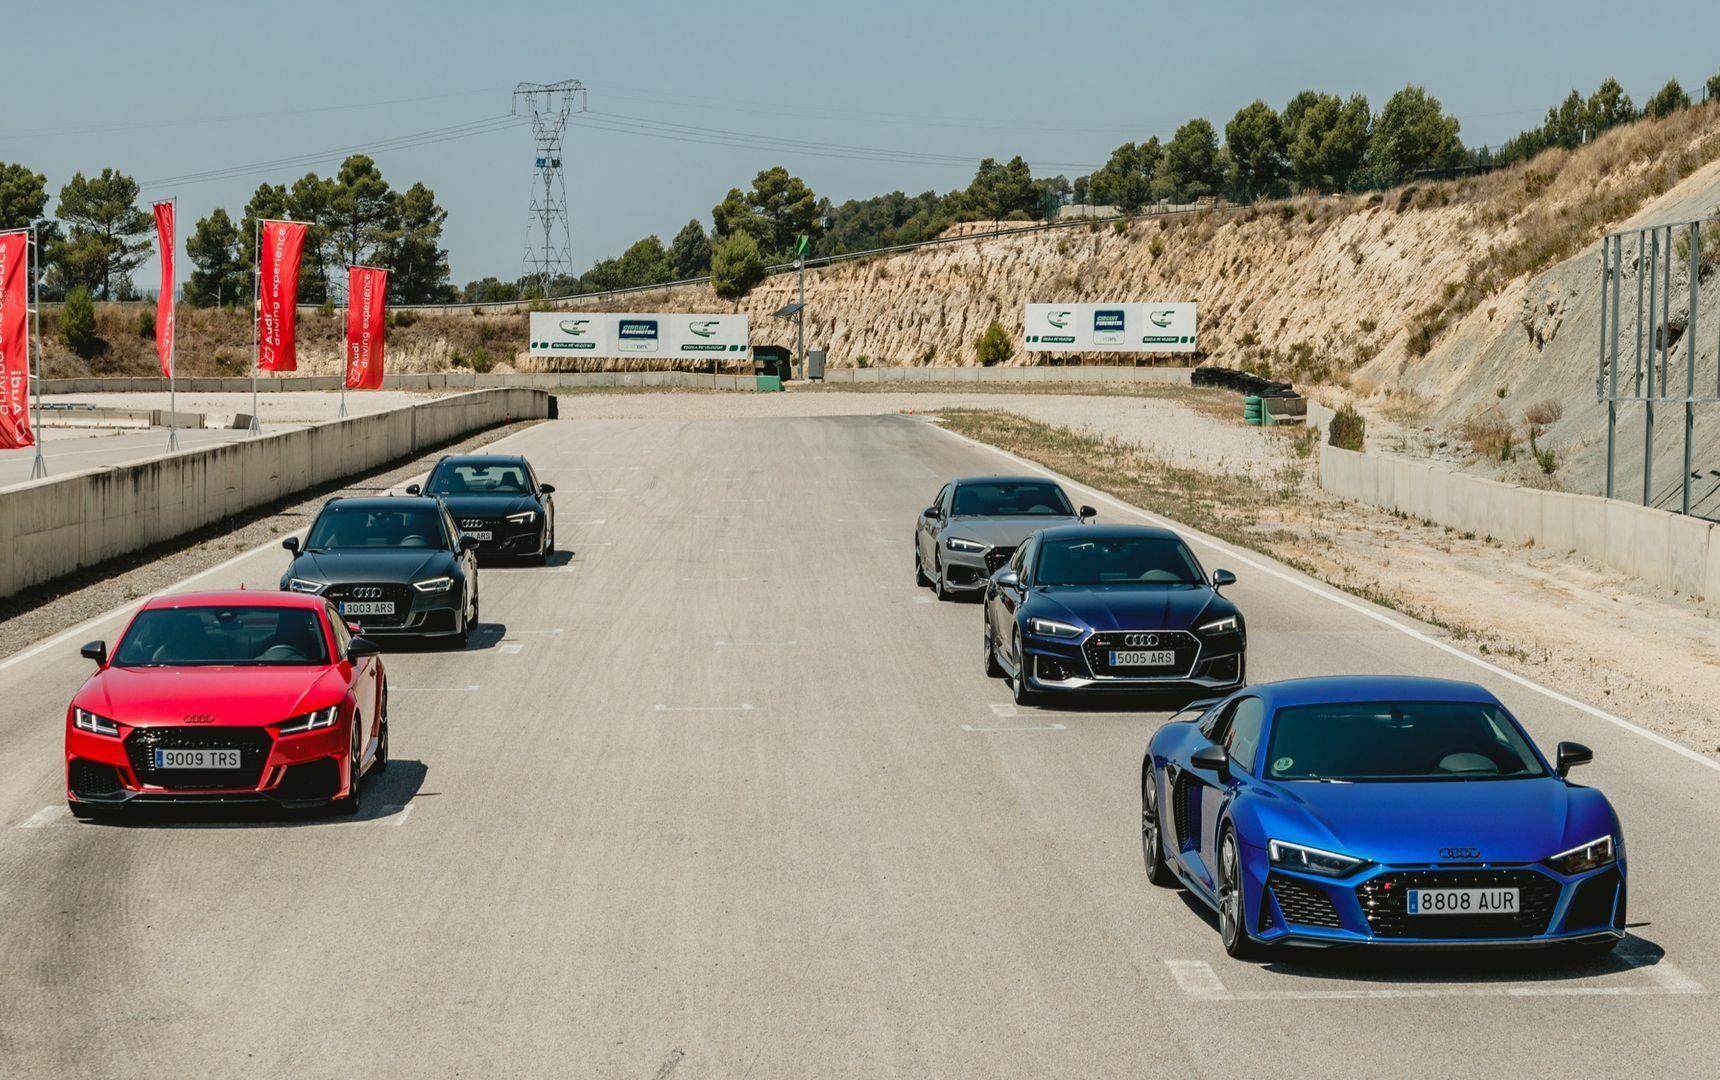 Todos los Audi se parecen mucho, ¿éxito o fracaso?